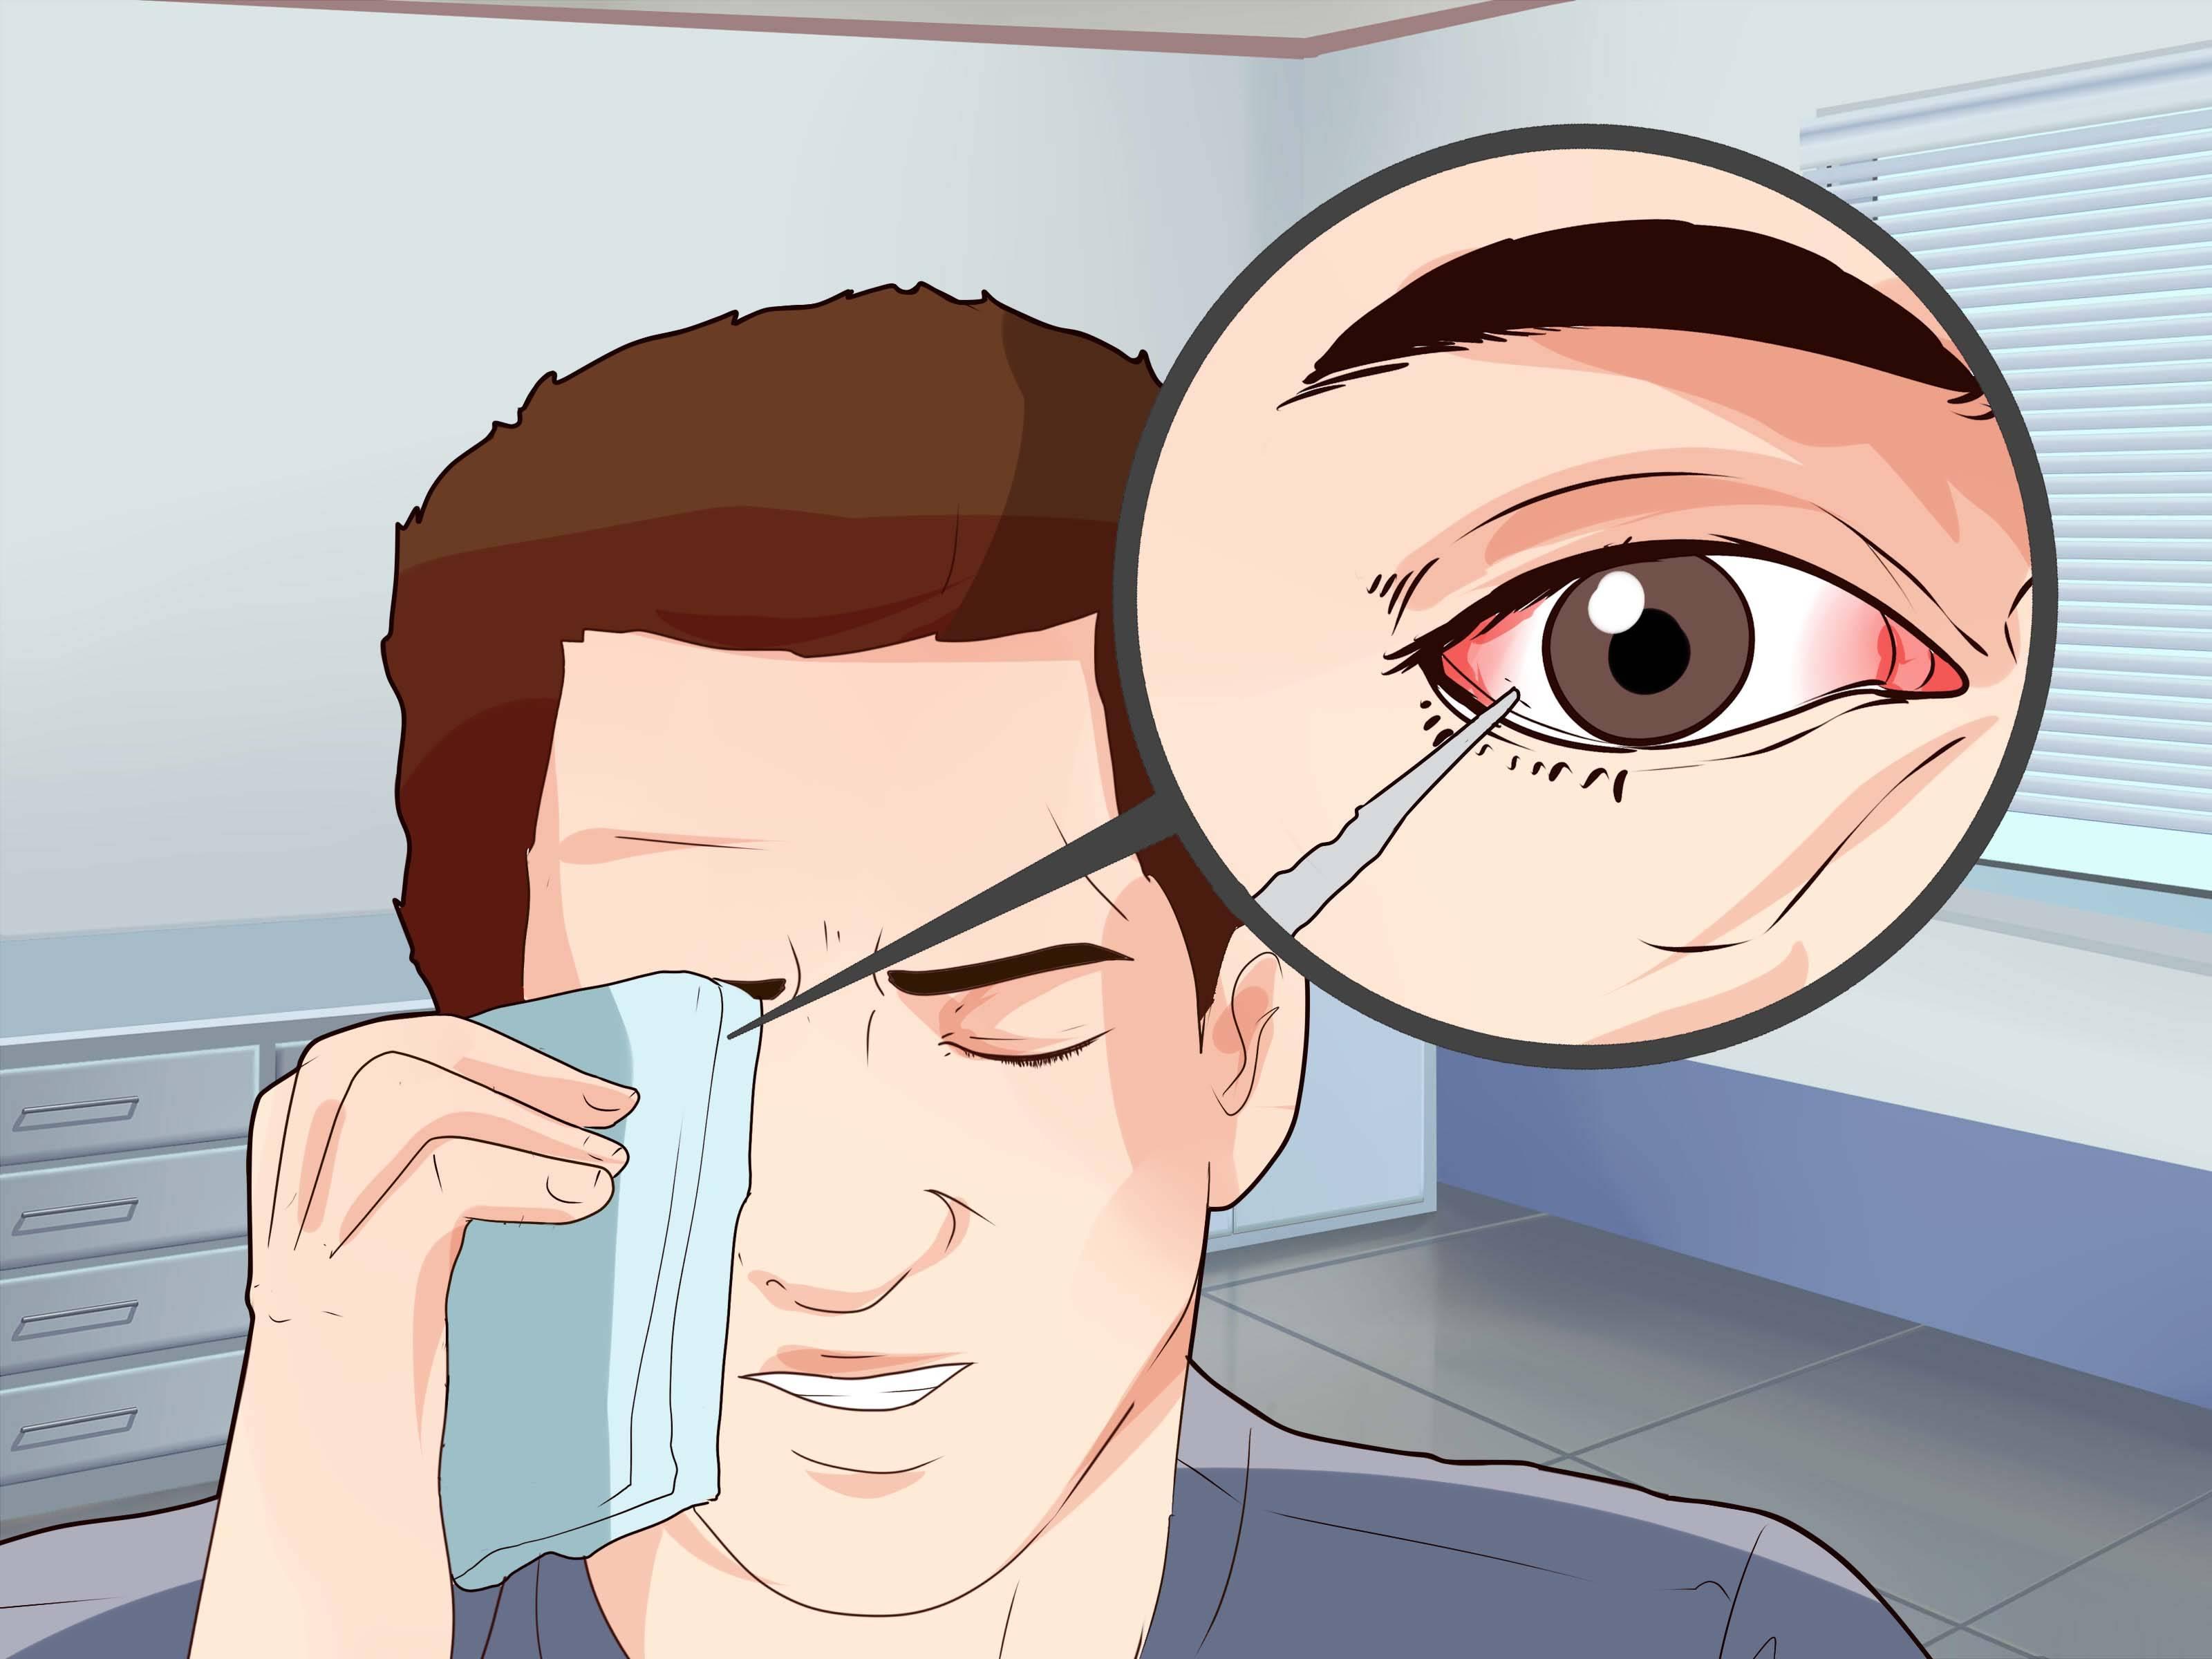 Травма глаза - первая помощь, последствия, лечение в домашних условиях